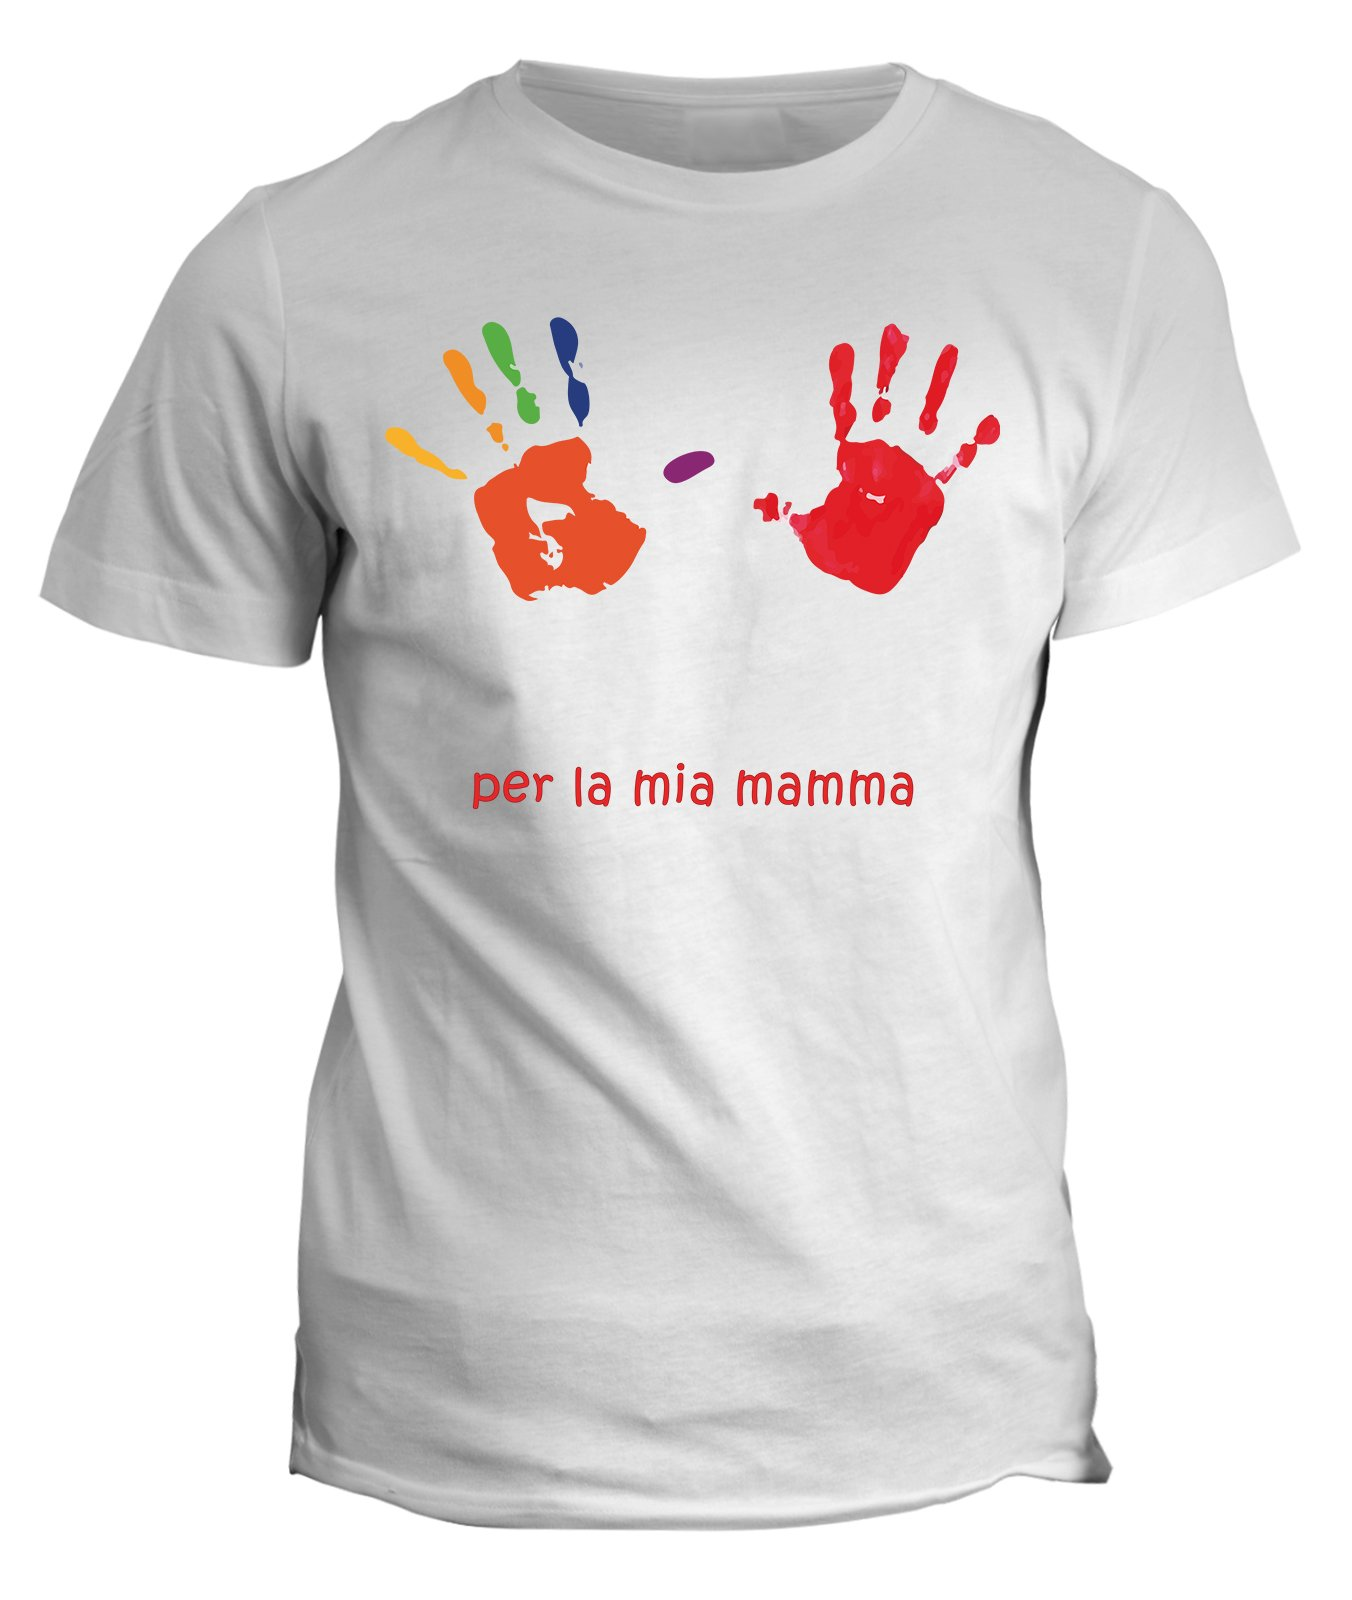 Tshirt per la mia mamma - festa della mamma - in cotone by Fashwork